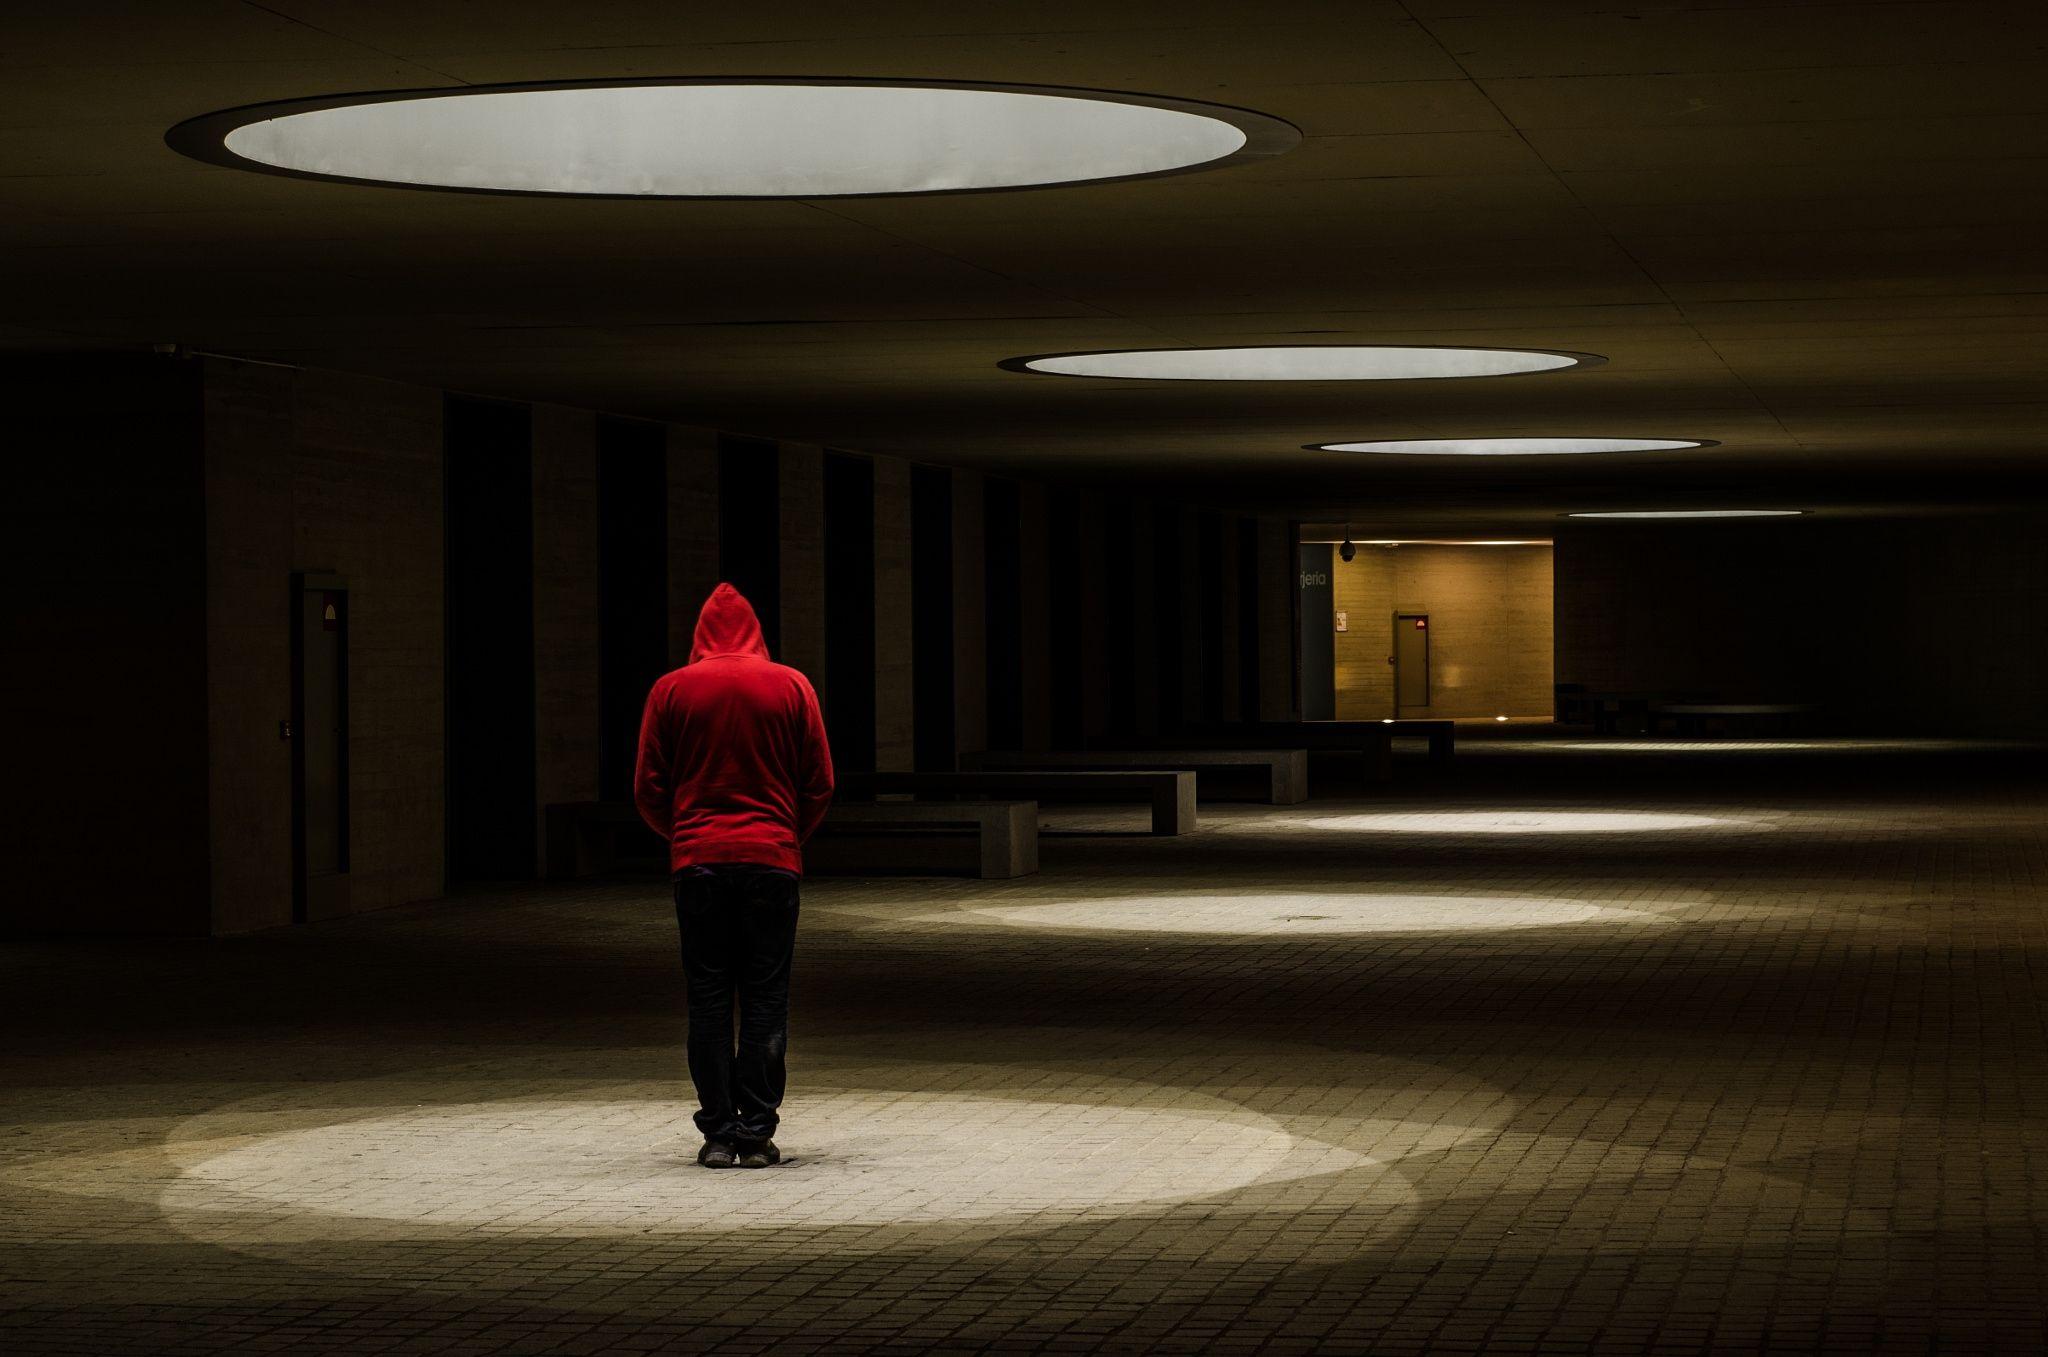 Todo al rojo.... - Fotografía premiada en el 8º Safari fotográfico Fundación Caja Rural de Granada.